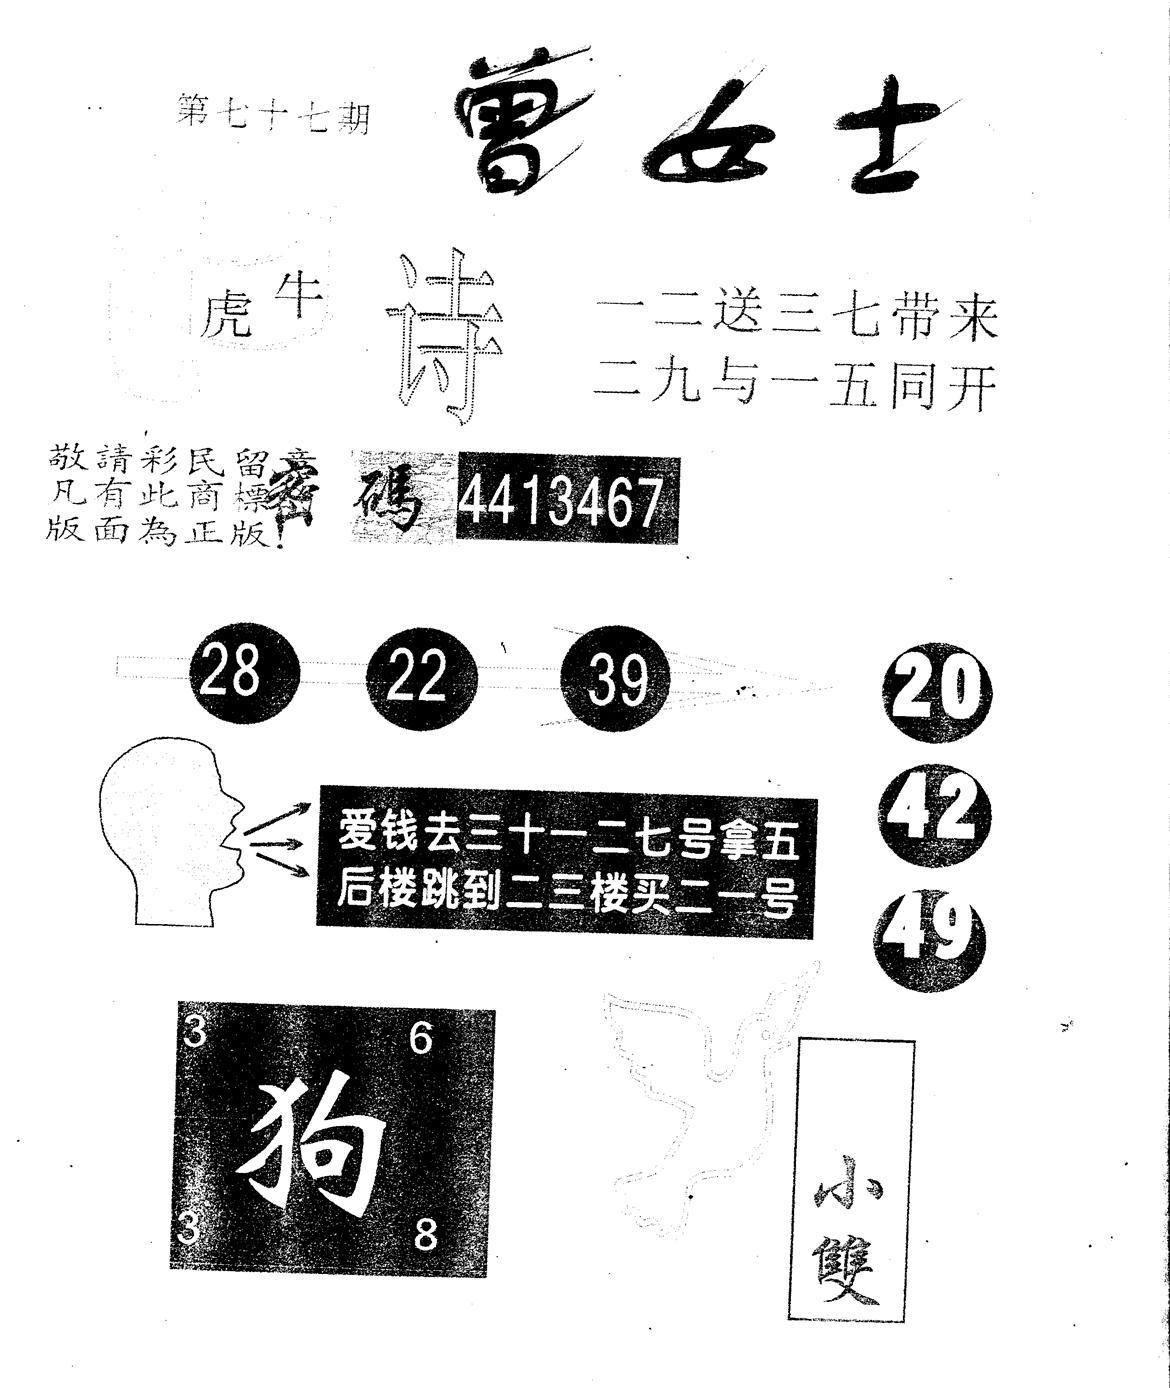 077期另版曾女士百灵鸟(黑白)